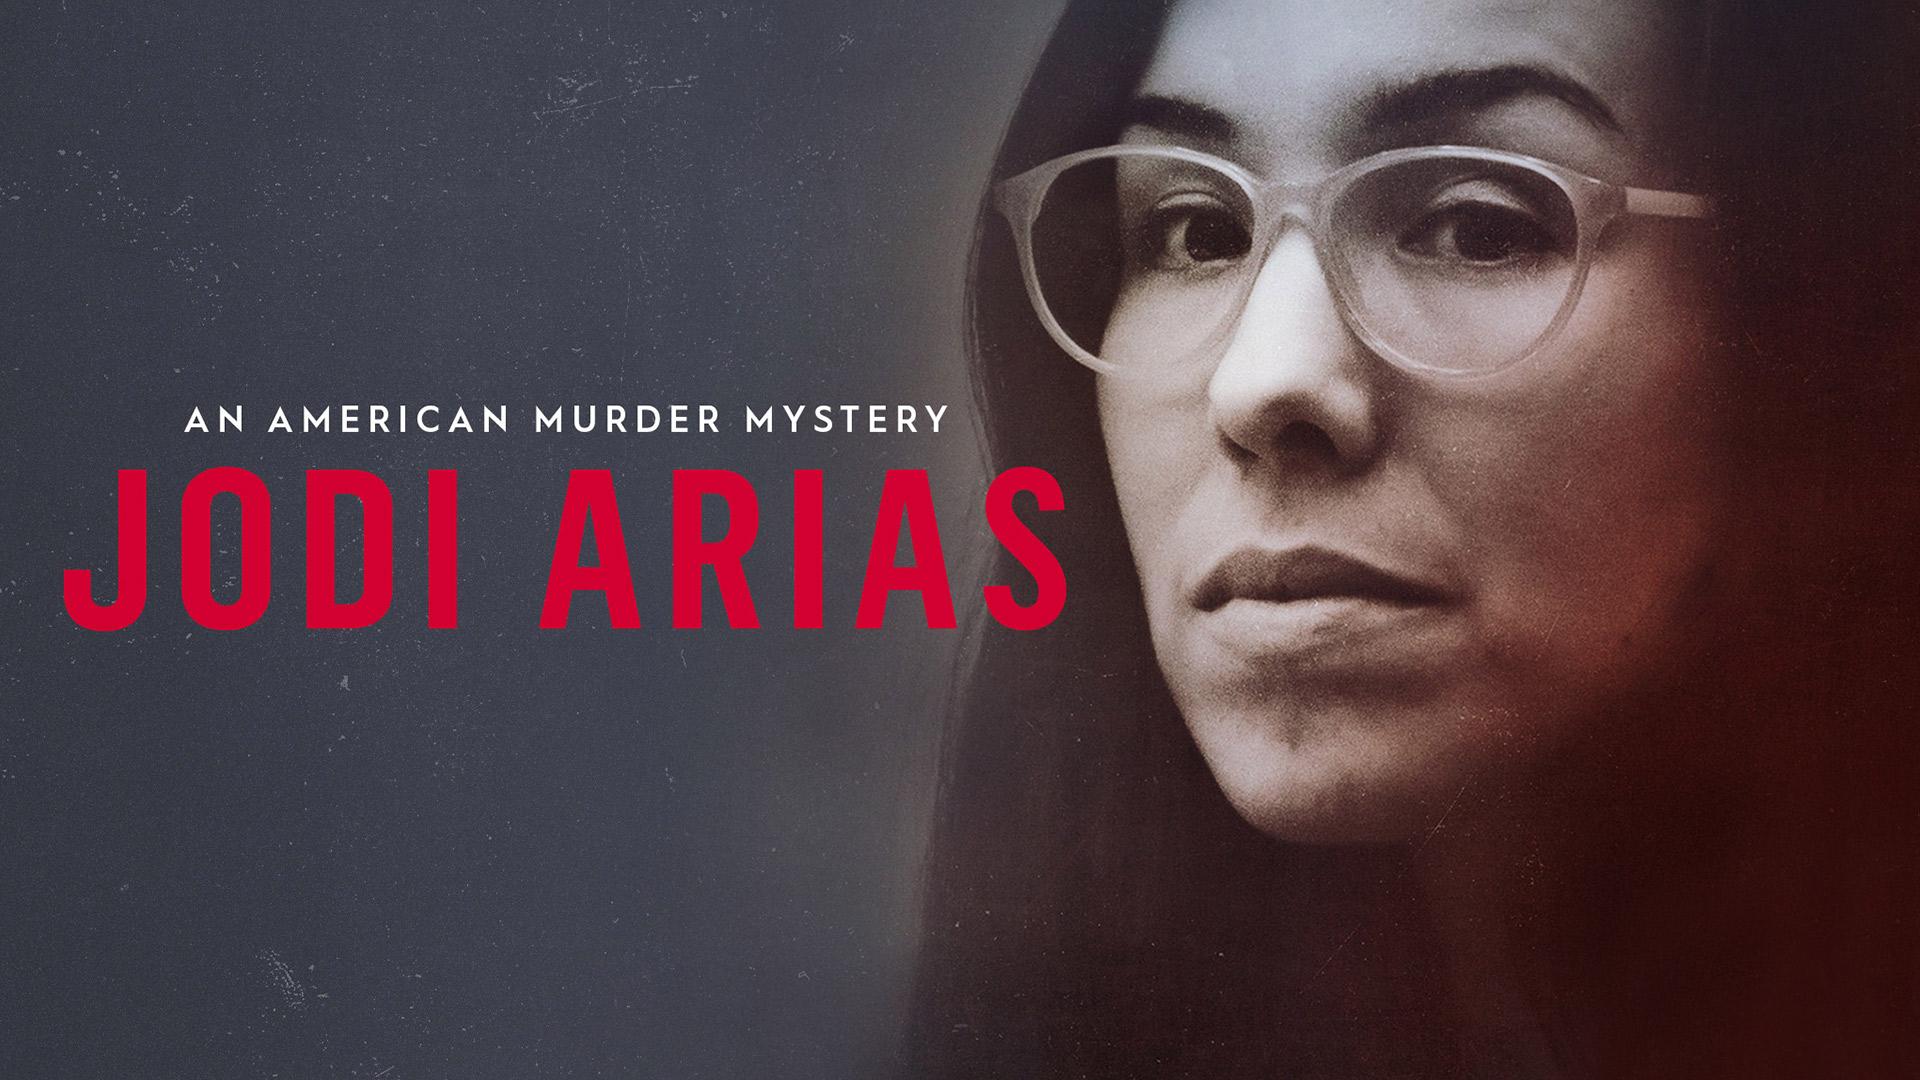 Jodi Arias Season 1